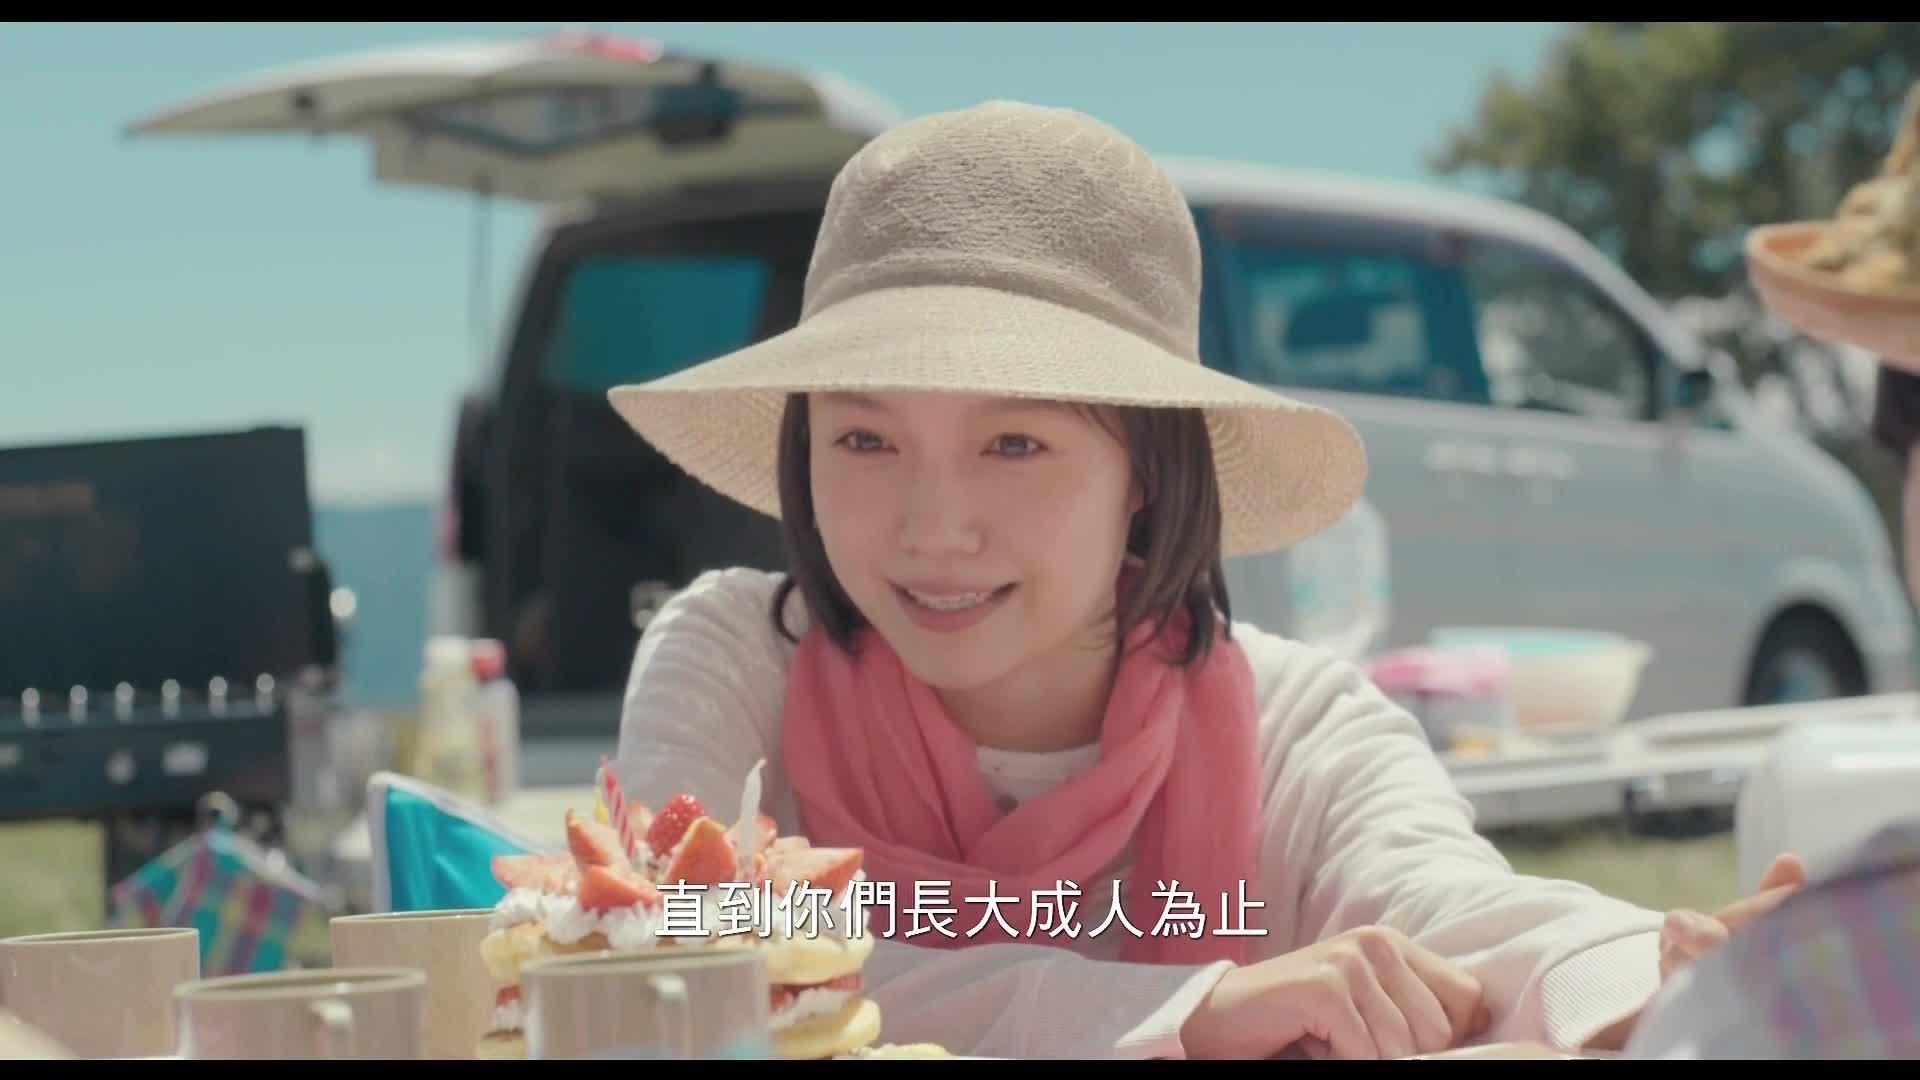 纪子生日母亲送卡片,她想要11岁也收到,能如愿吗